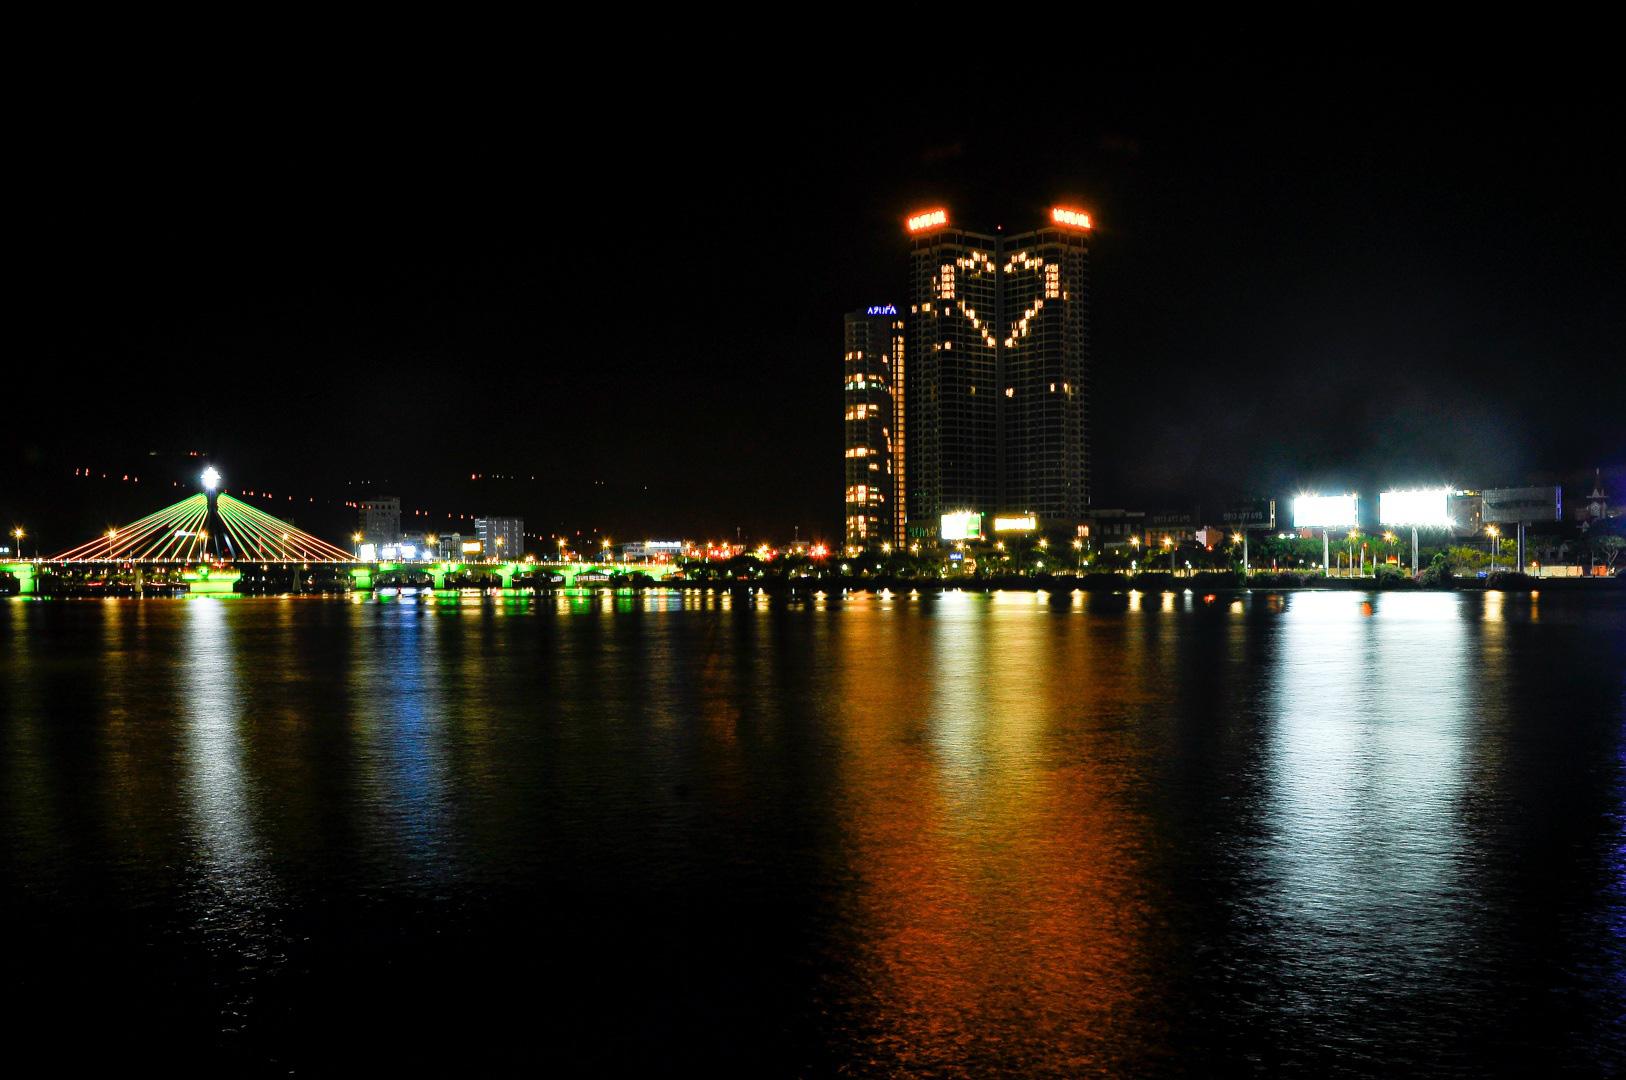 Đà Nẵng: Khách sạn đồng loạt lên đèn hình trái tim giữa mùa dịch Covid-19 - Ảnh 6.